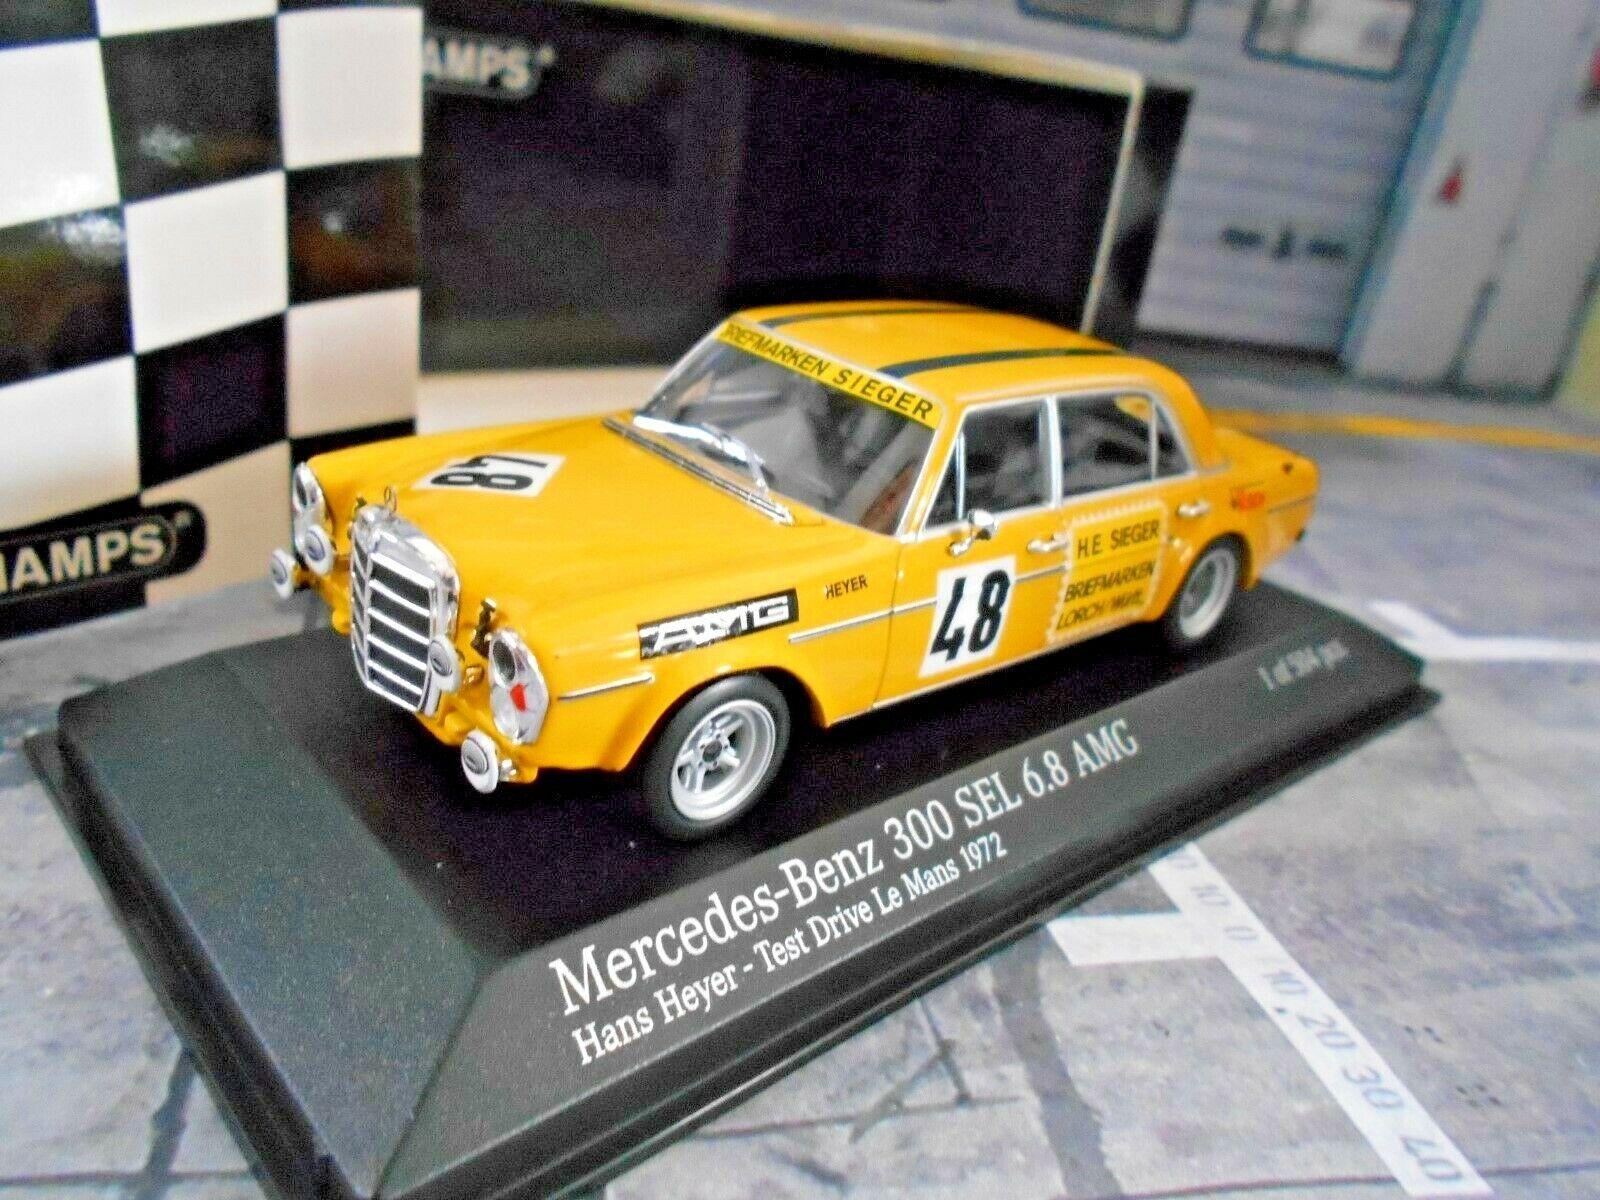 envio rapido a ti Mercedes Benz 300 sel 6.8 AMG test test test le mans 1972  48 Heyer victoria Minichamps 1 43  Seleccione de las marcas más nuevas como